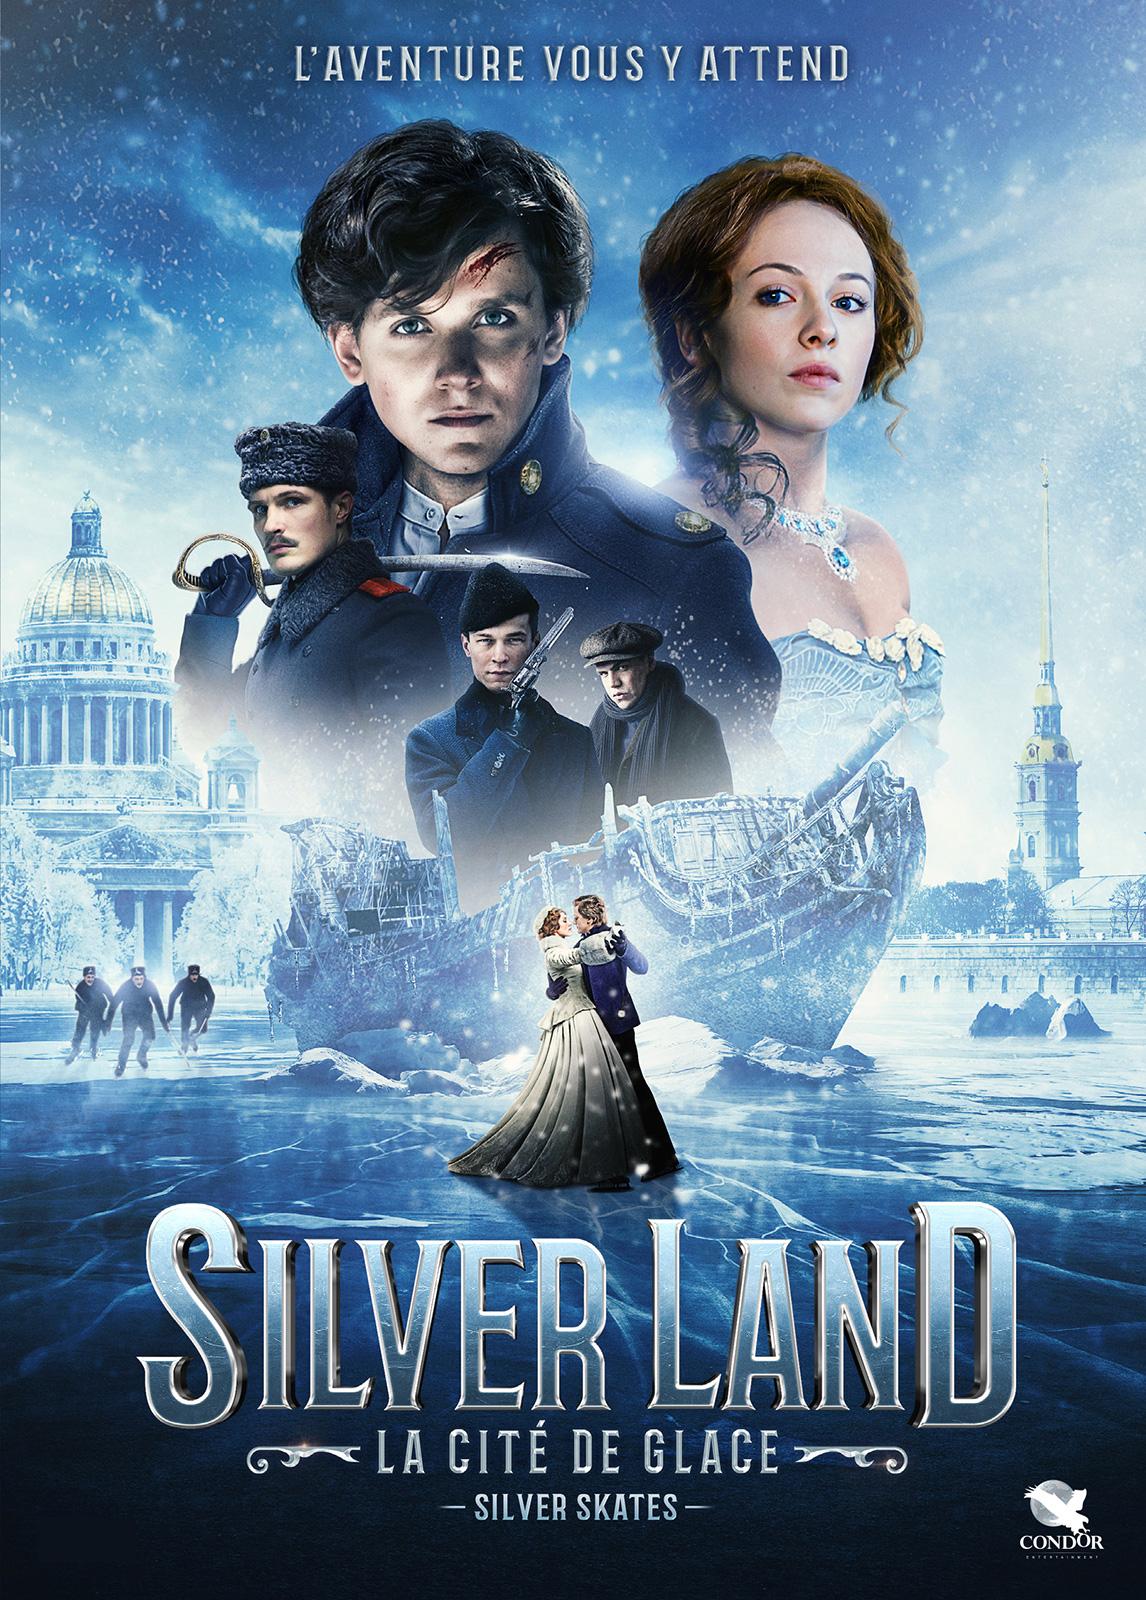 Silverland : la cité de glace streaming complet